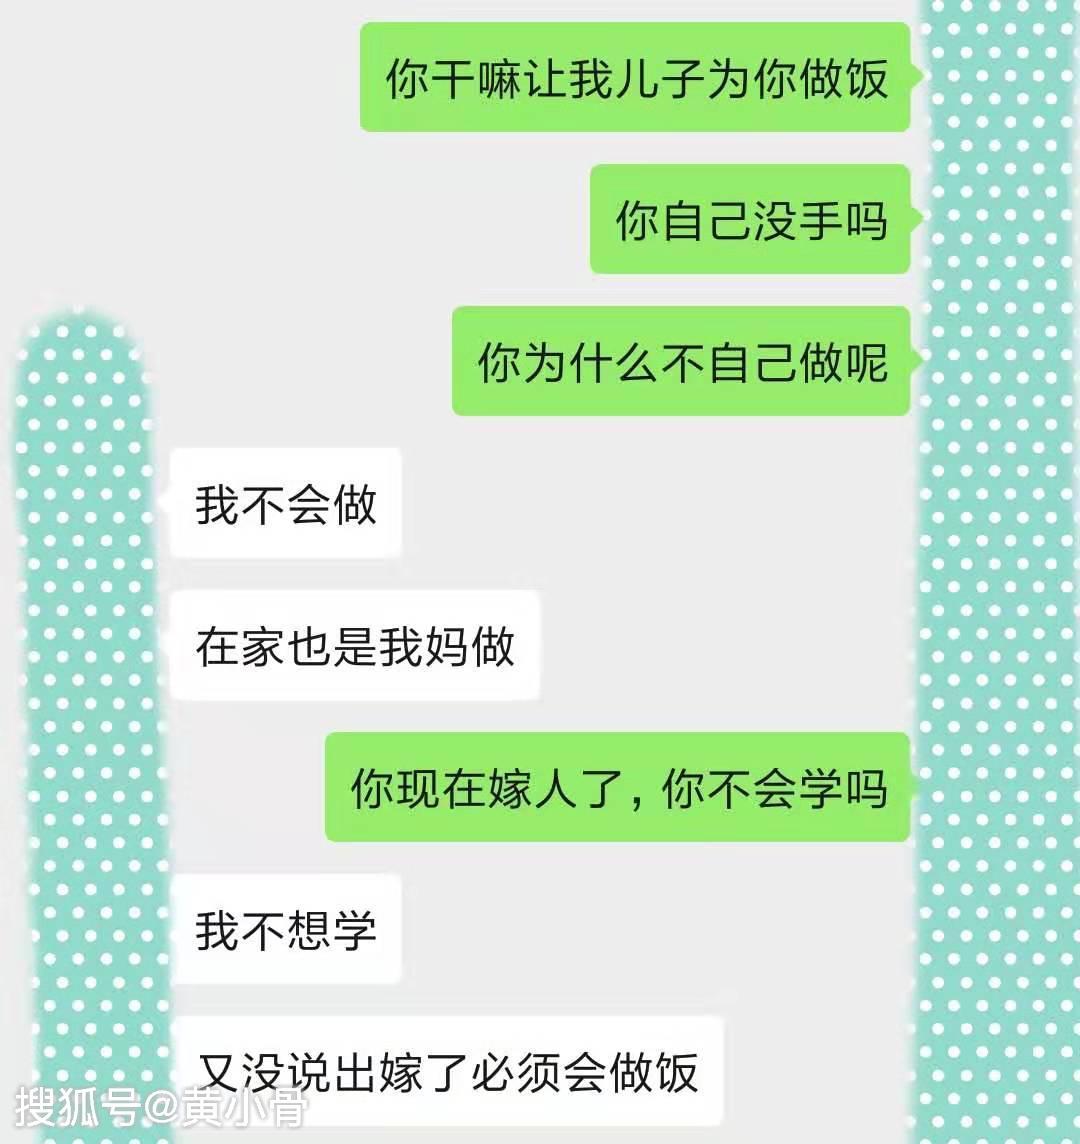 青岛儿子儿媳当街打婆婆 [婆婆给儿媳发:你干嘛让我儿子为你做饭?儿